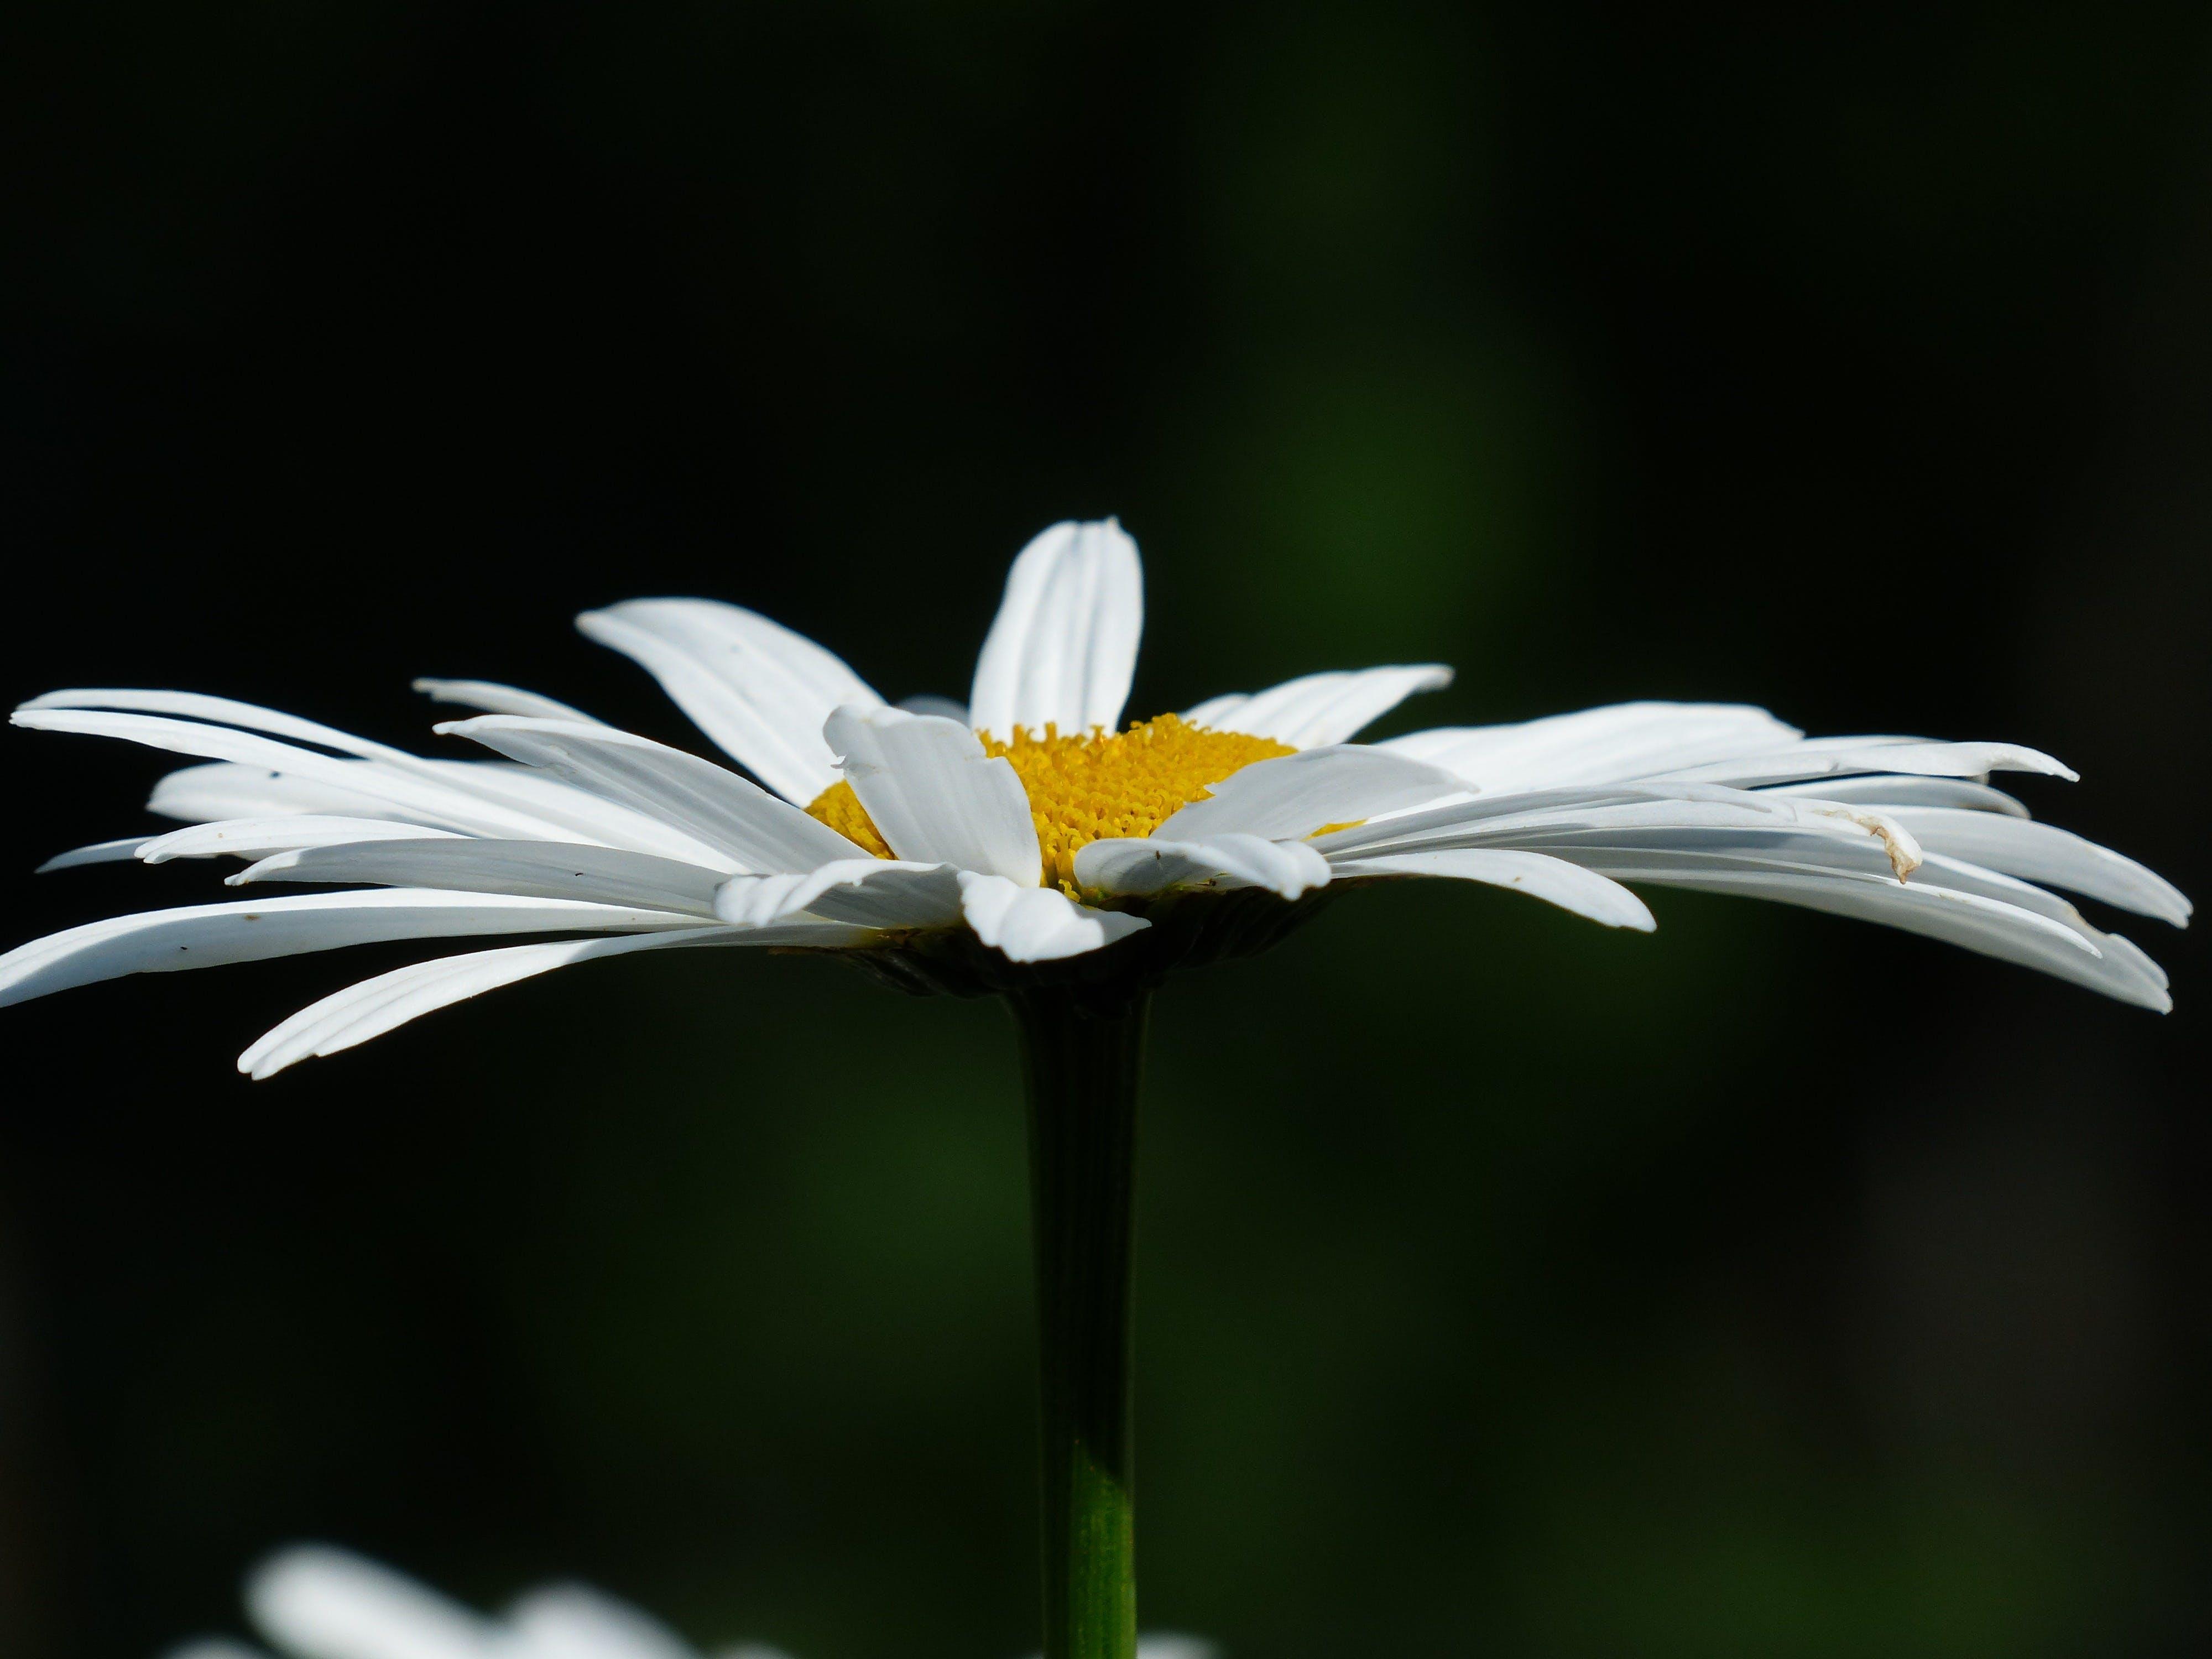 White Daisy Close Up Photo